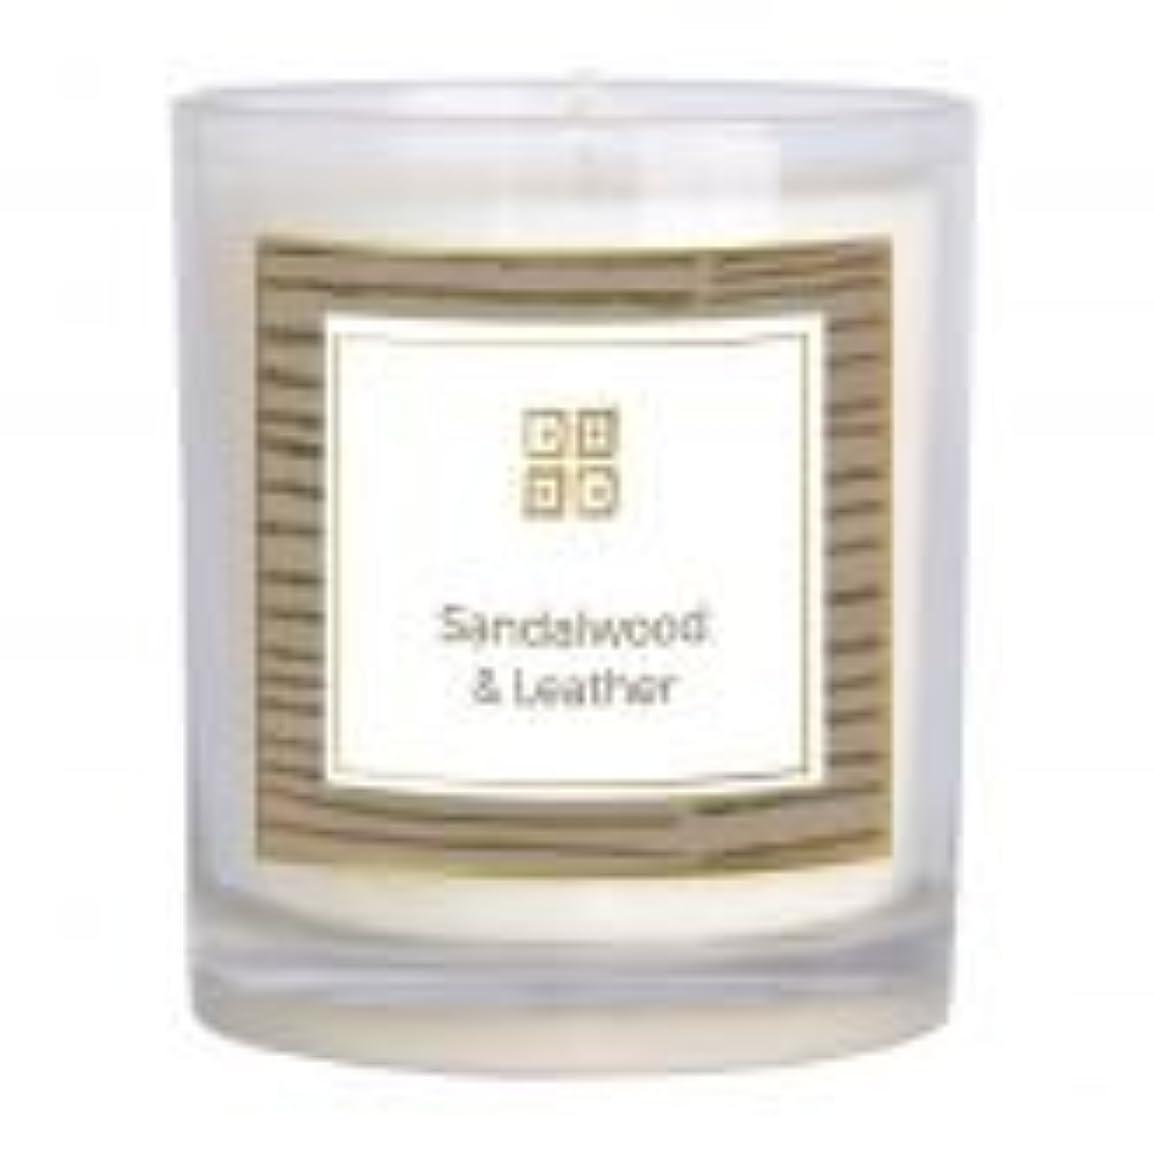 閃光修正する実行サンダルウッド&レザー香りのキャンドル 12 oz 503-08844